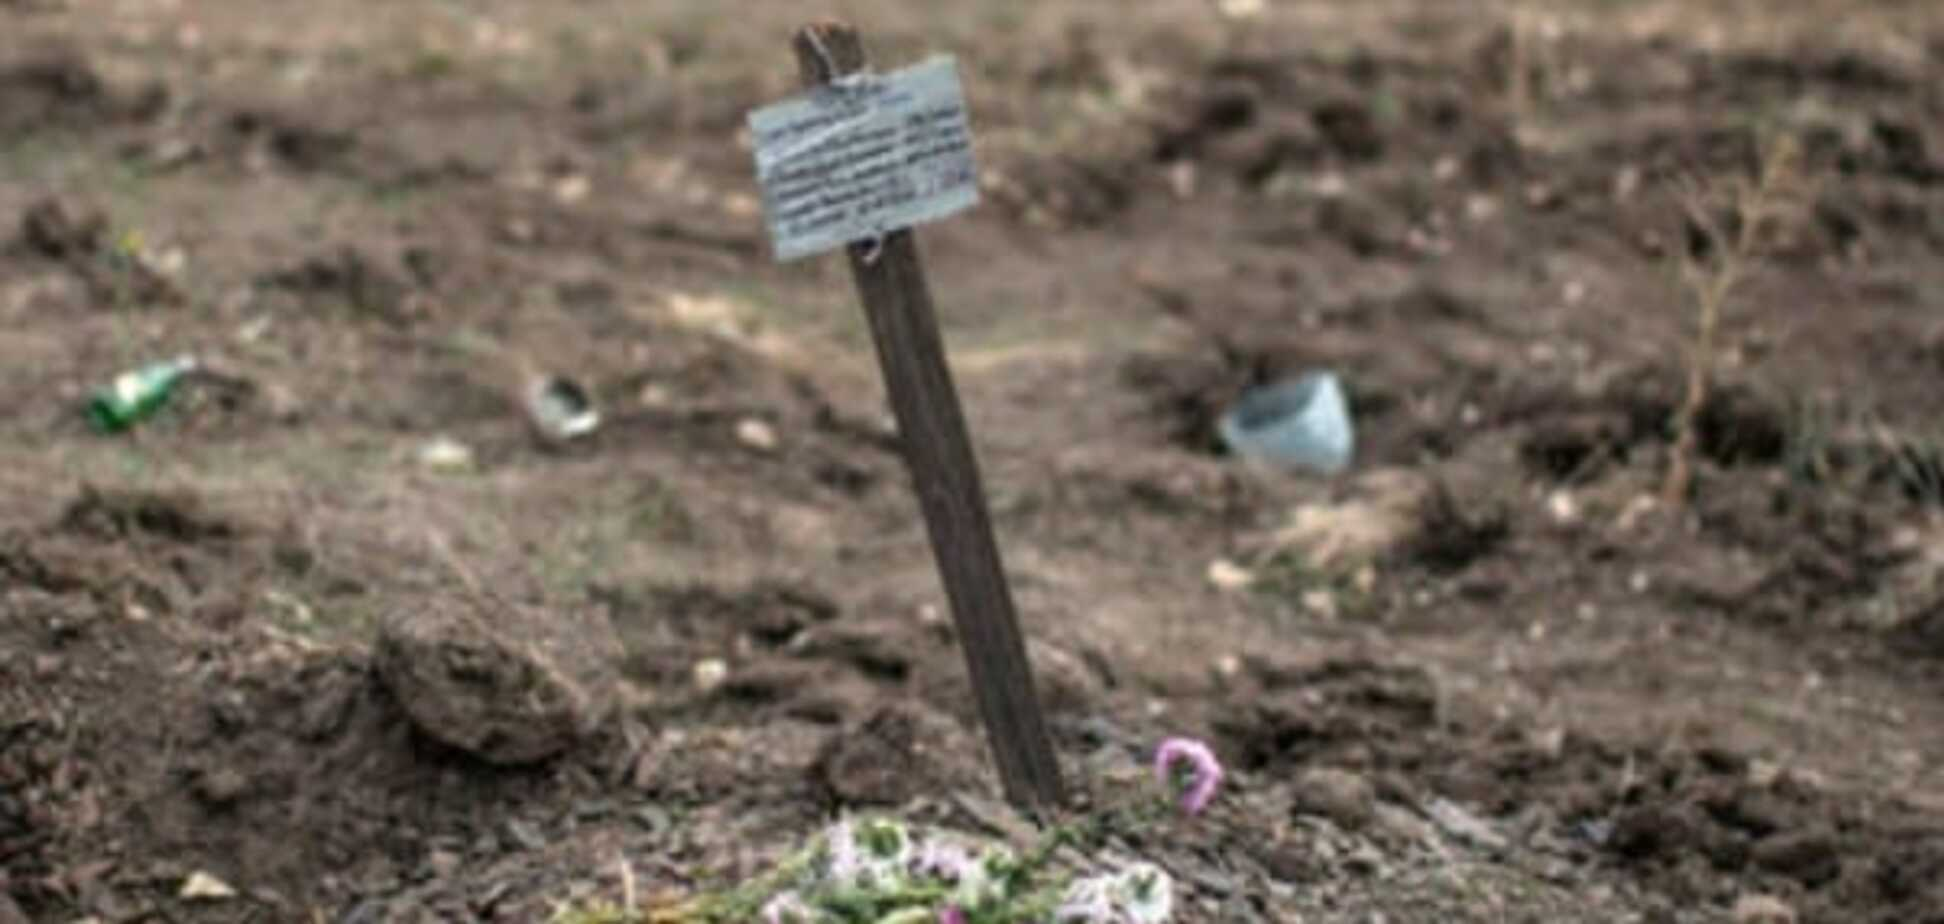 Страшна знахідка: на Донбасі виявлені кілька поховань з тілами загиблих